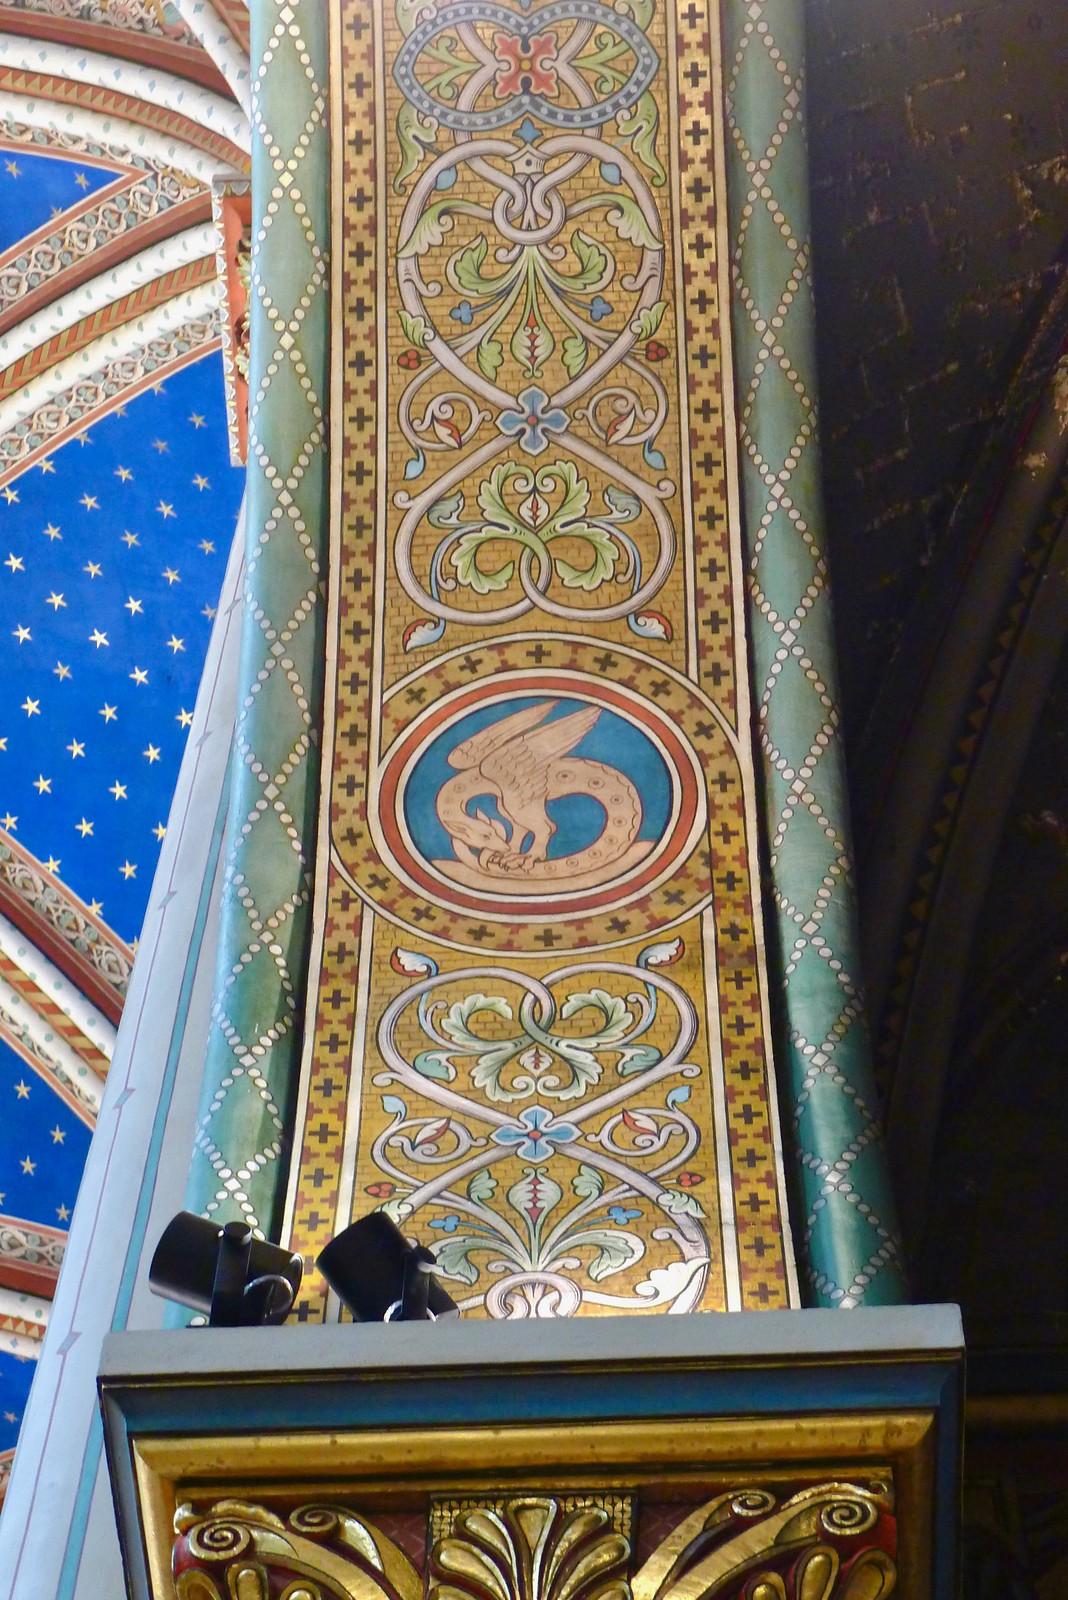 Restauration de l'église Saint-Germain-des-Prés, Paris